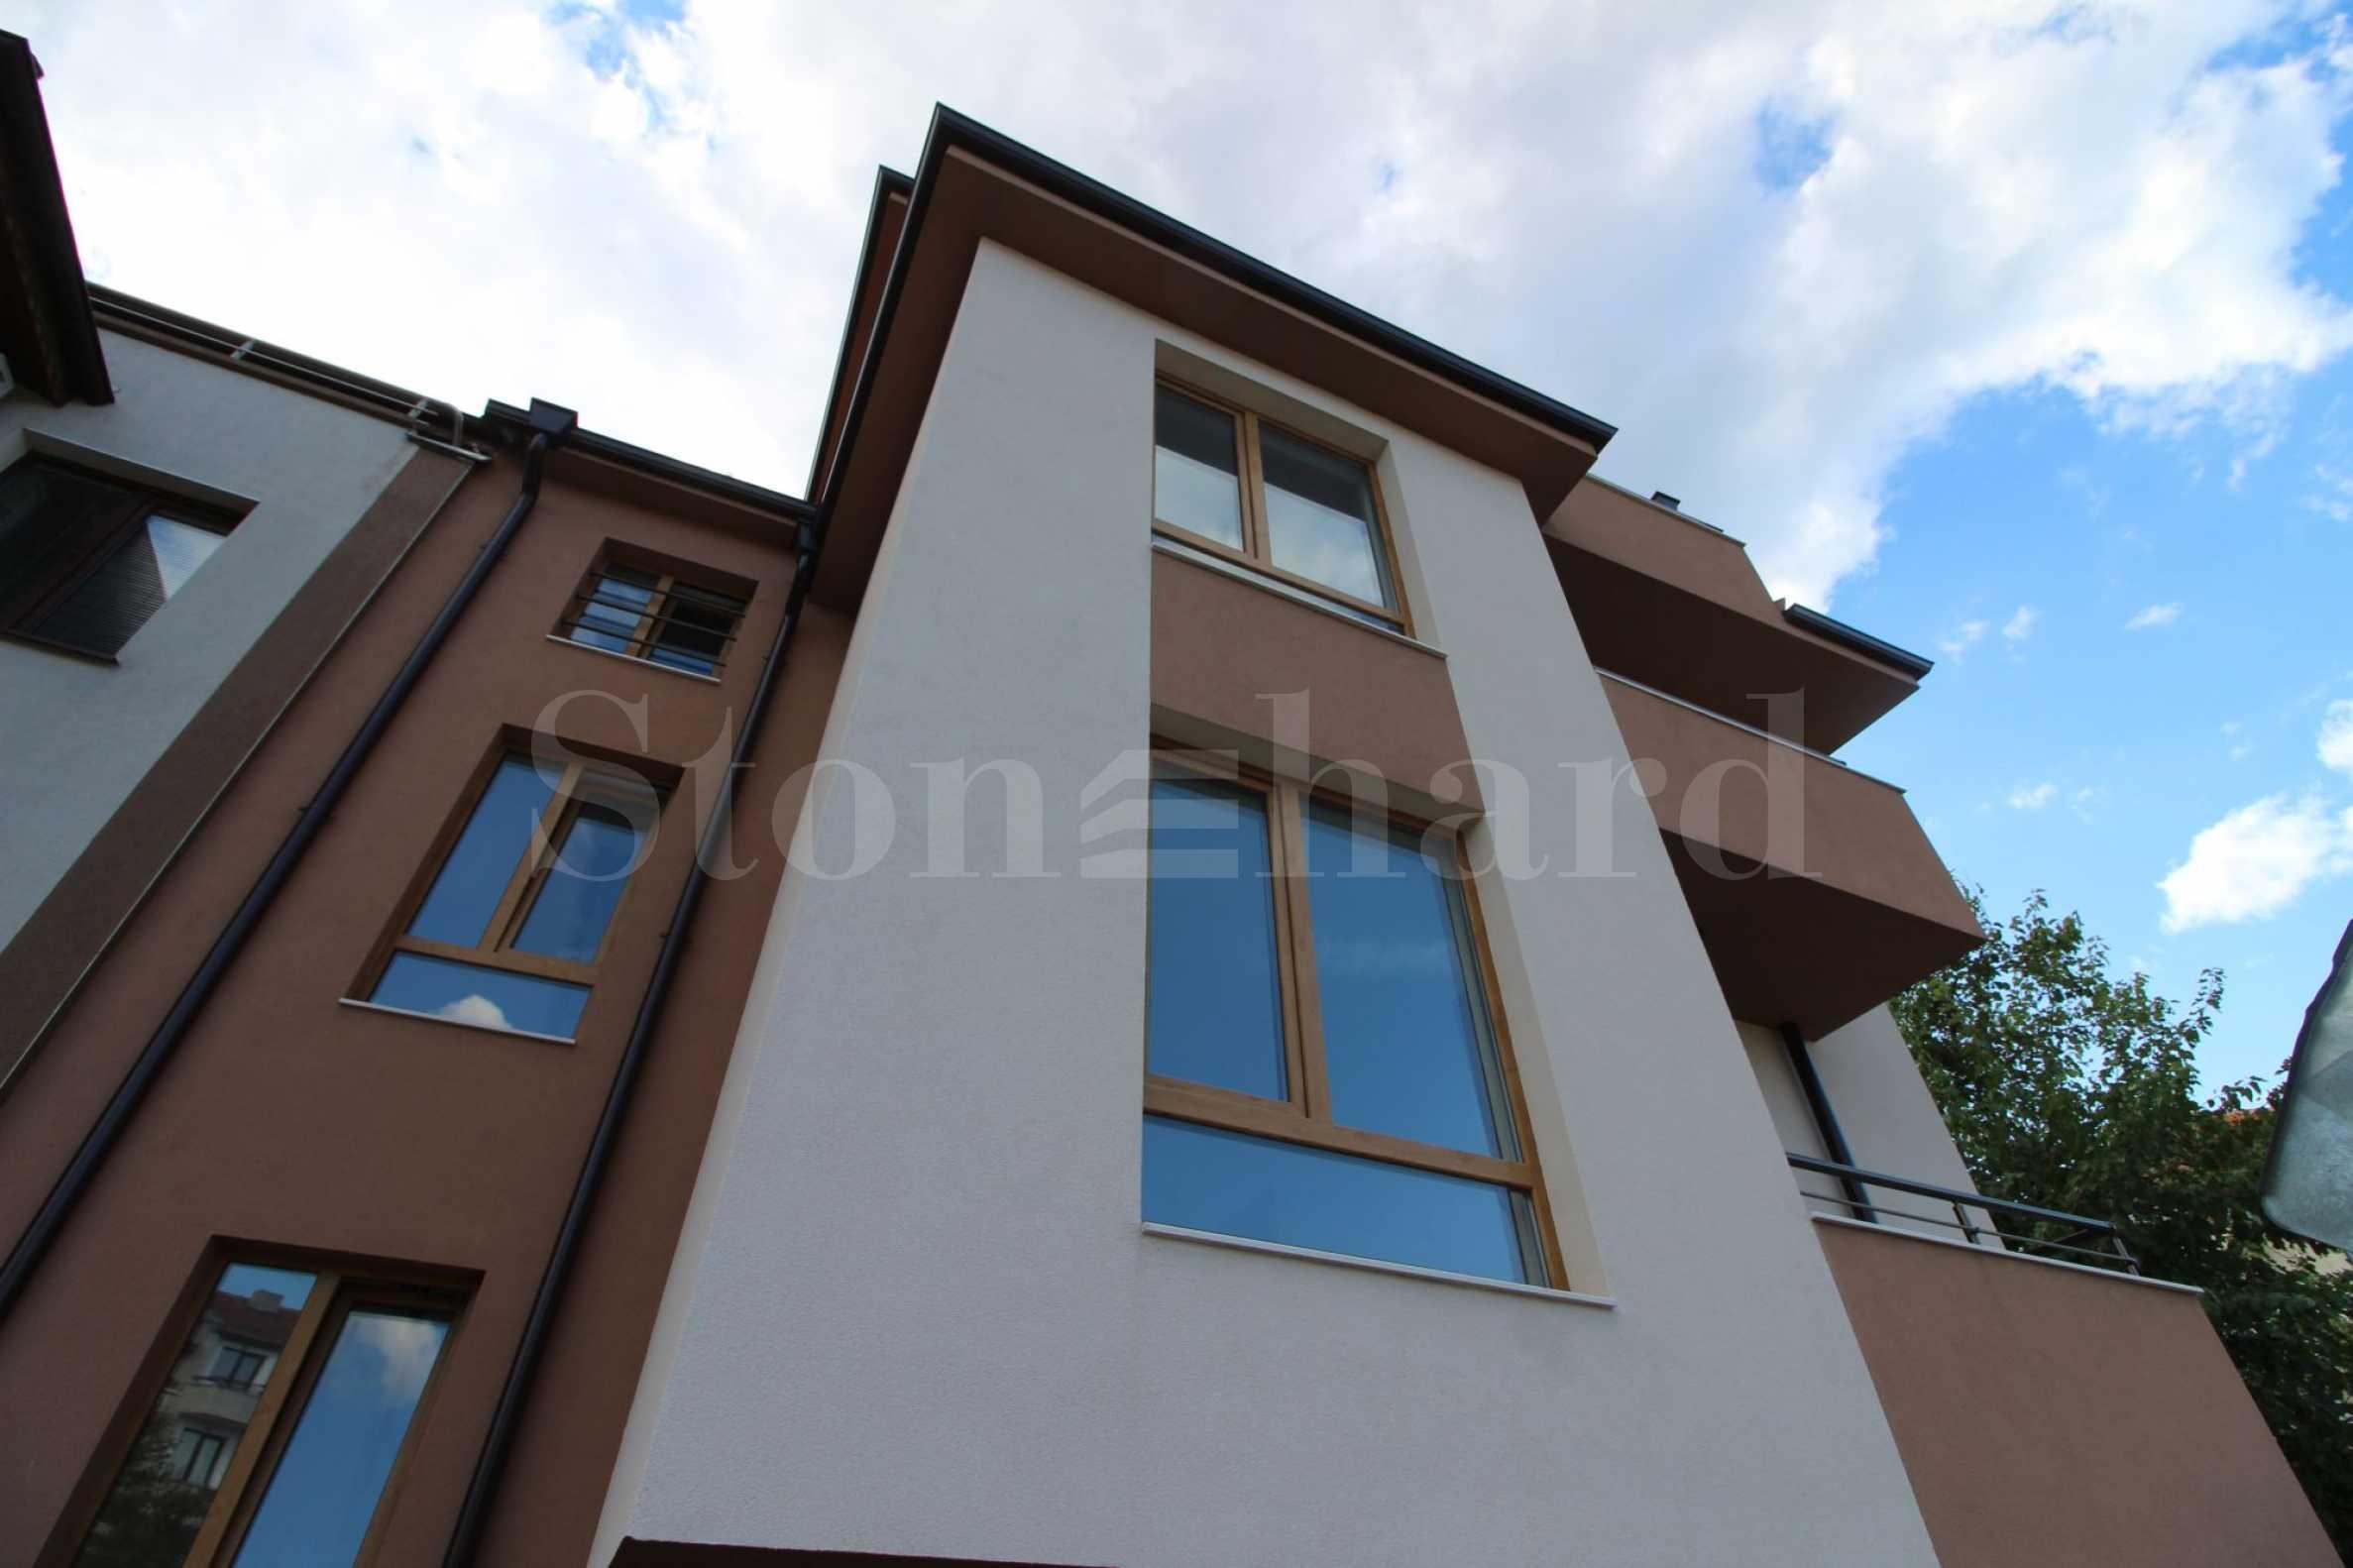 1-bedroom apartment in Tsarevo2 - Stonehard